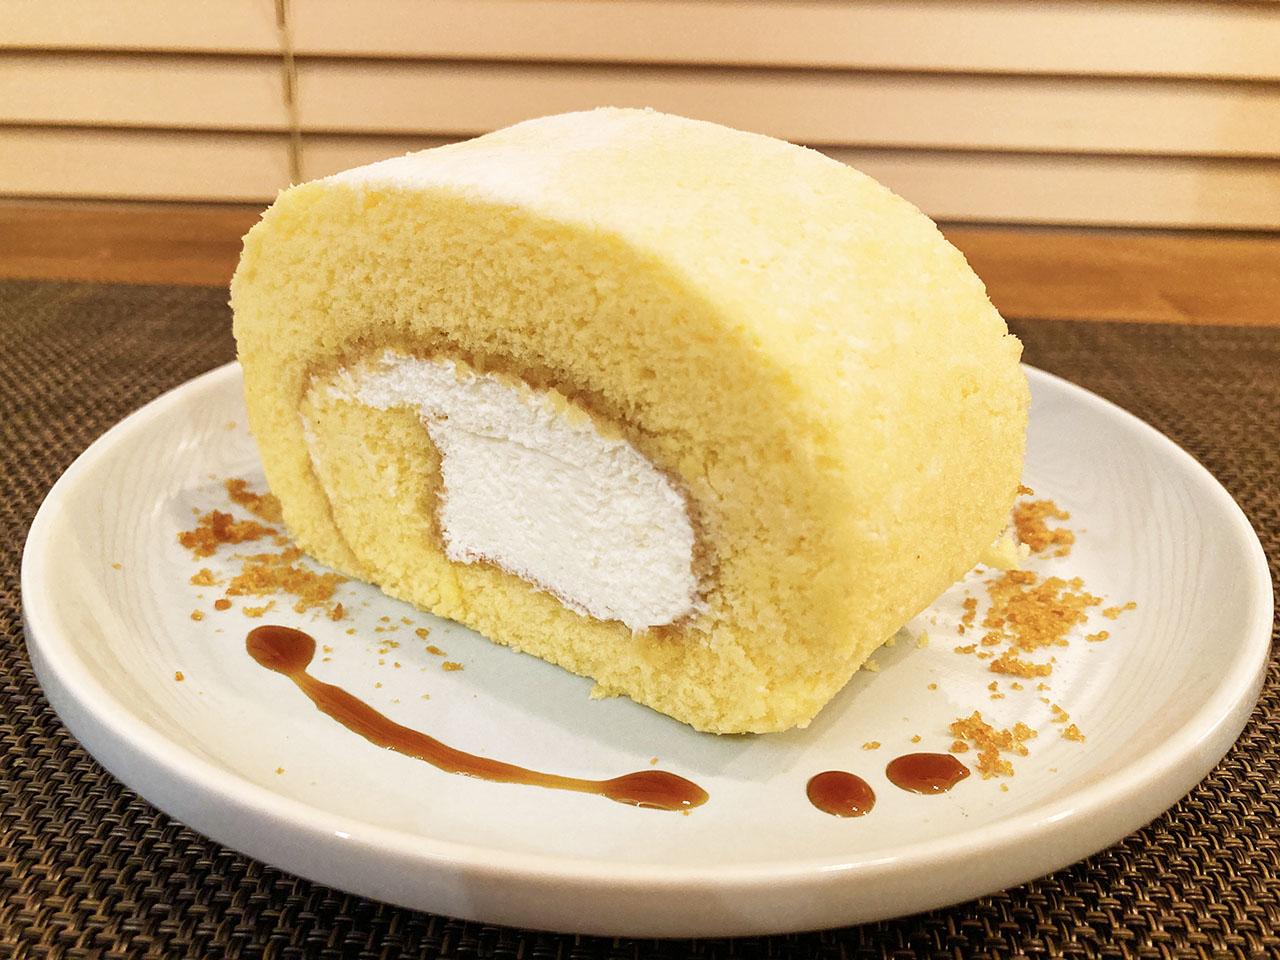 節分に味わいたい♪『ケーキファクトリー・ホイップ』のロールケーキ